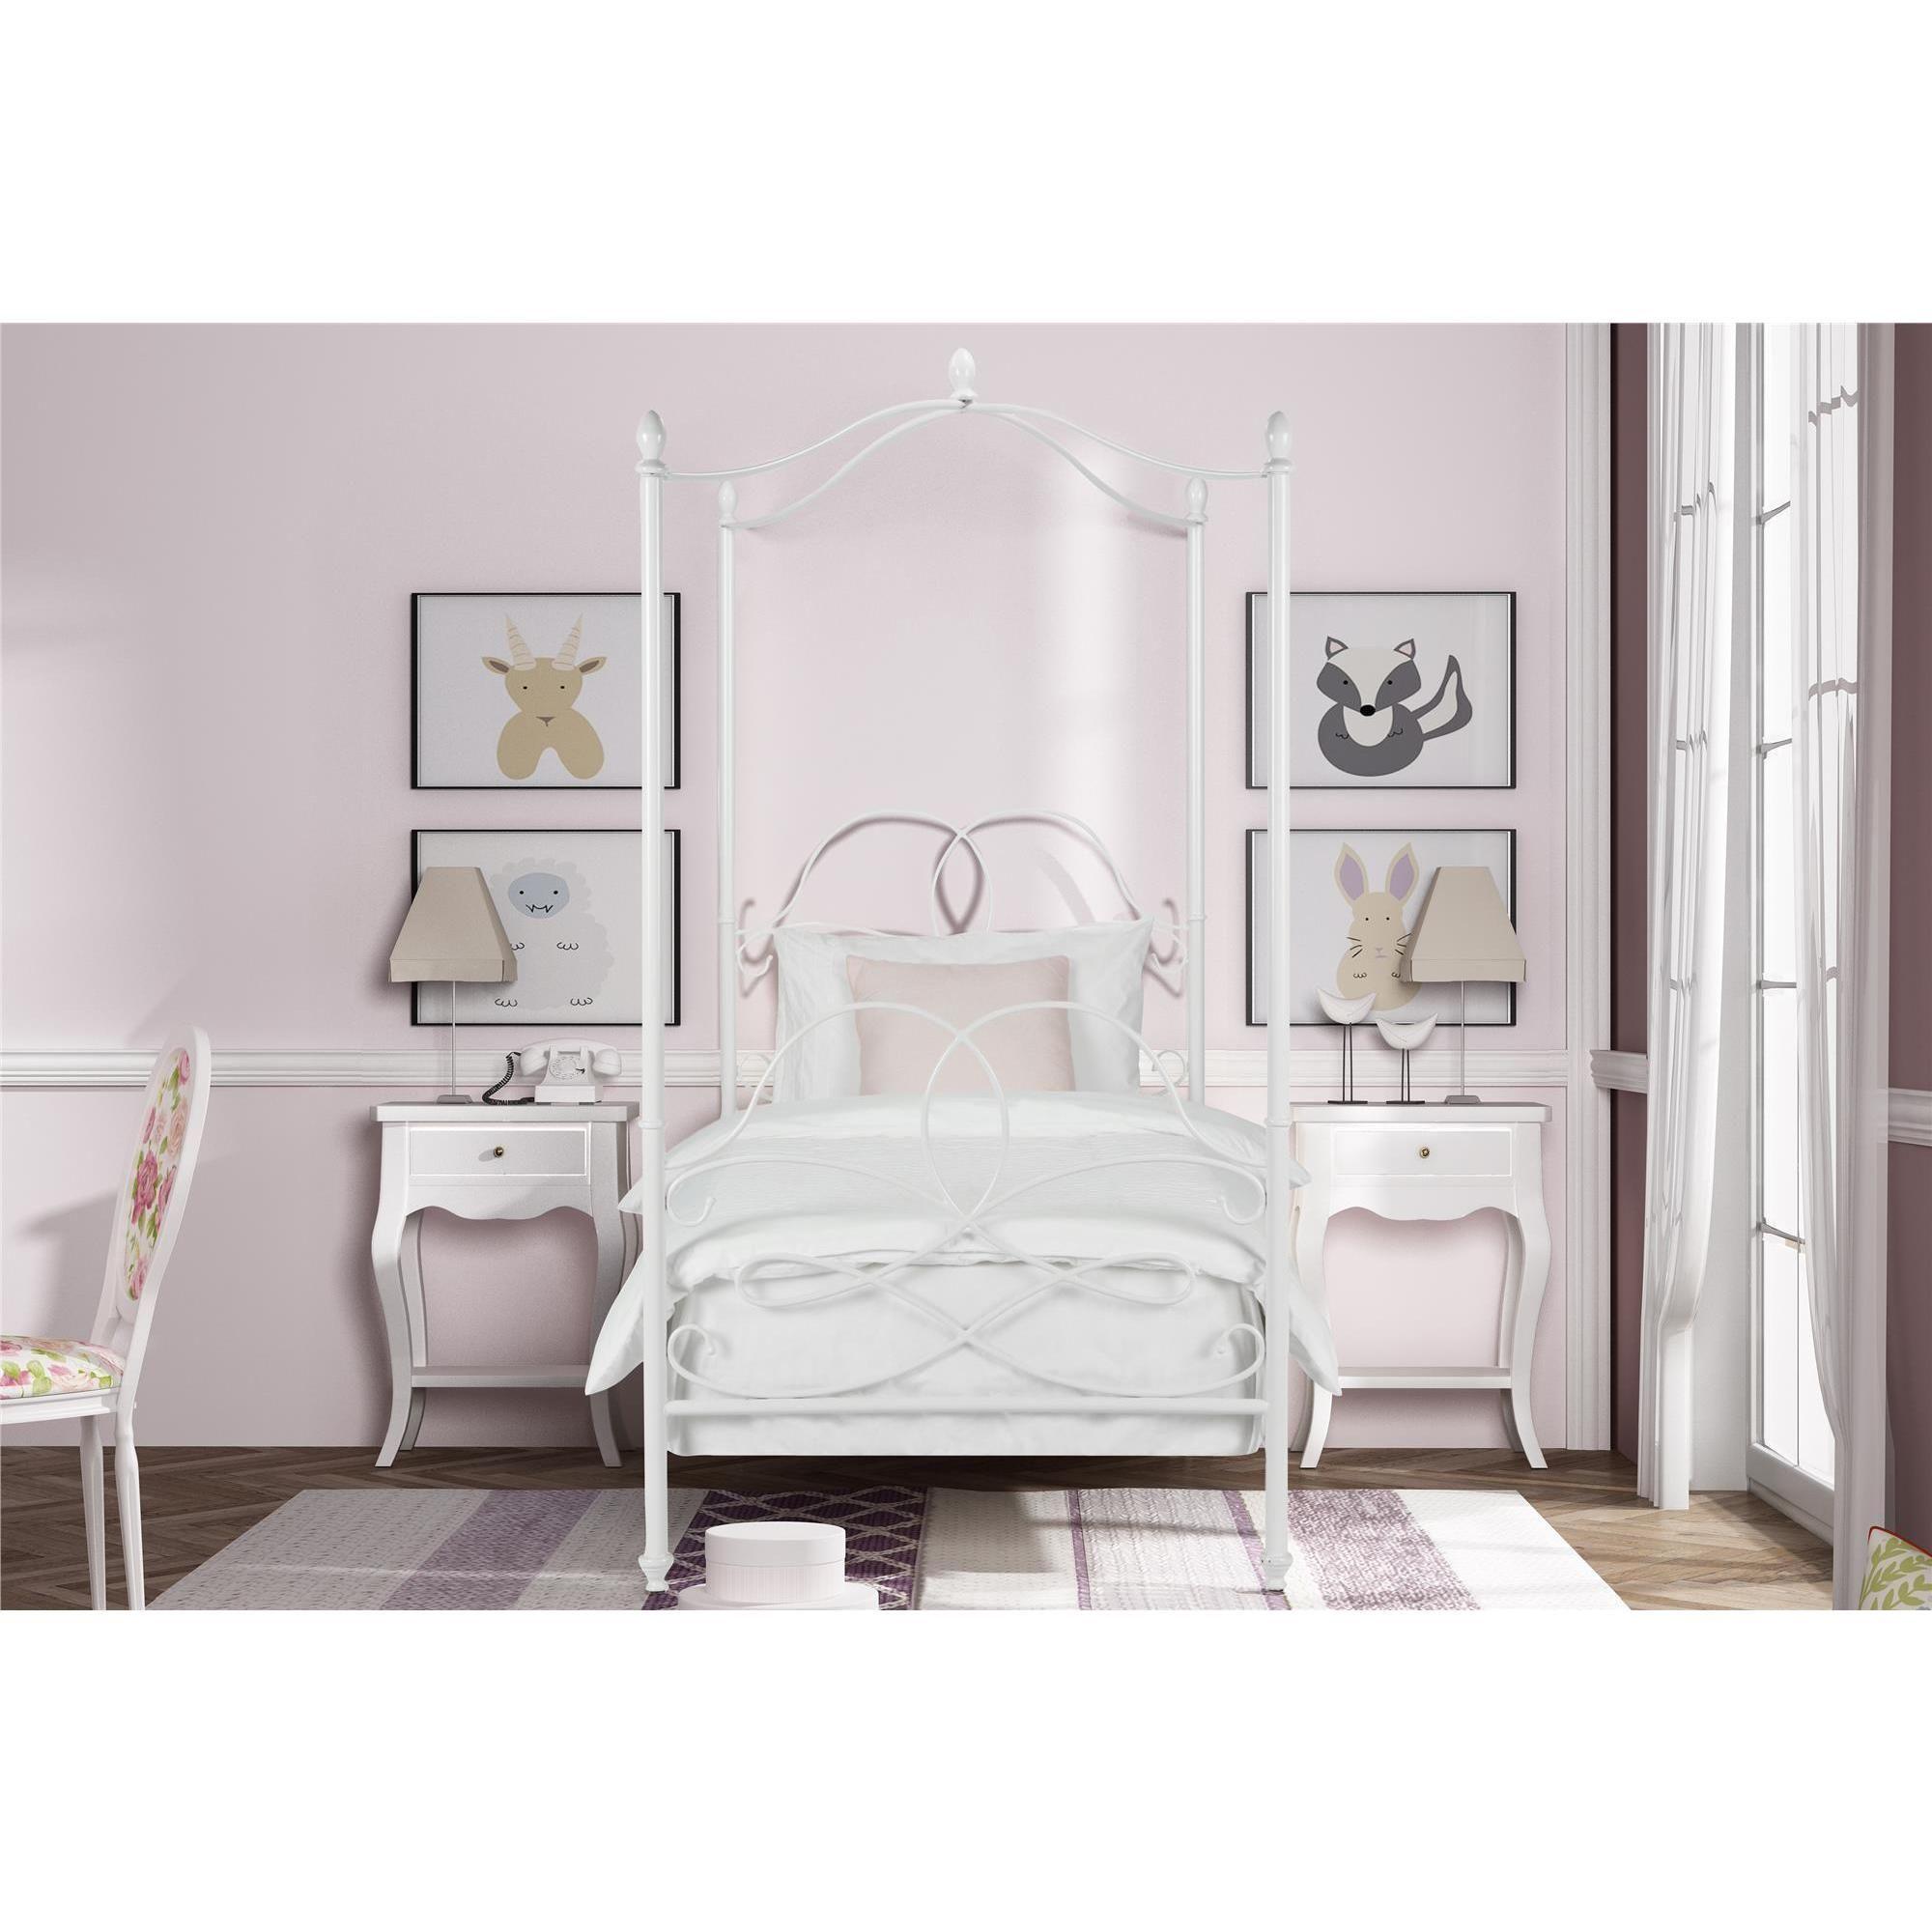 Avenue Greene Fancy White Metal Canopy Twin Bed (Twin canopy bed white)  sc 1 st  Pinterest & Avenue Greene Fancy White Metal Canopy Twin Bed (Twin canopy bed ...